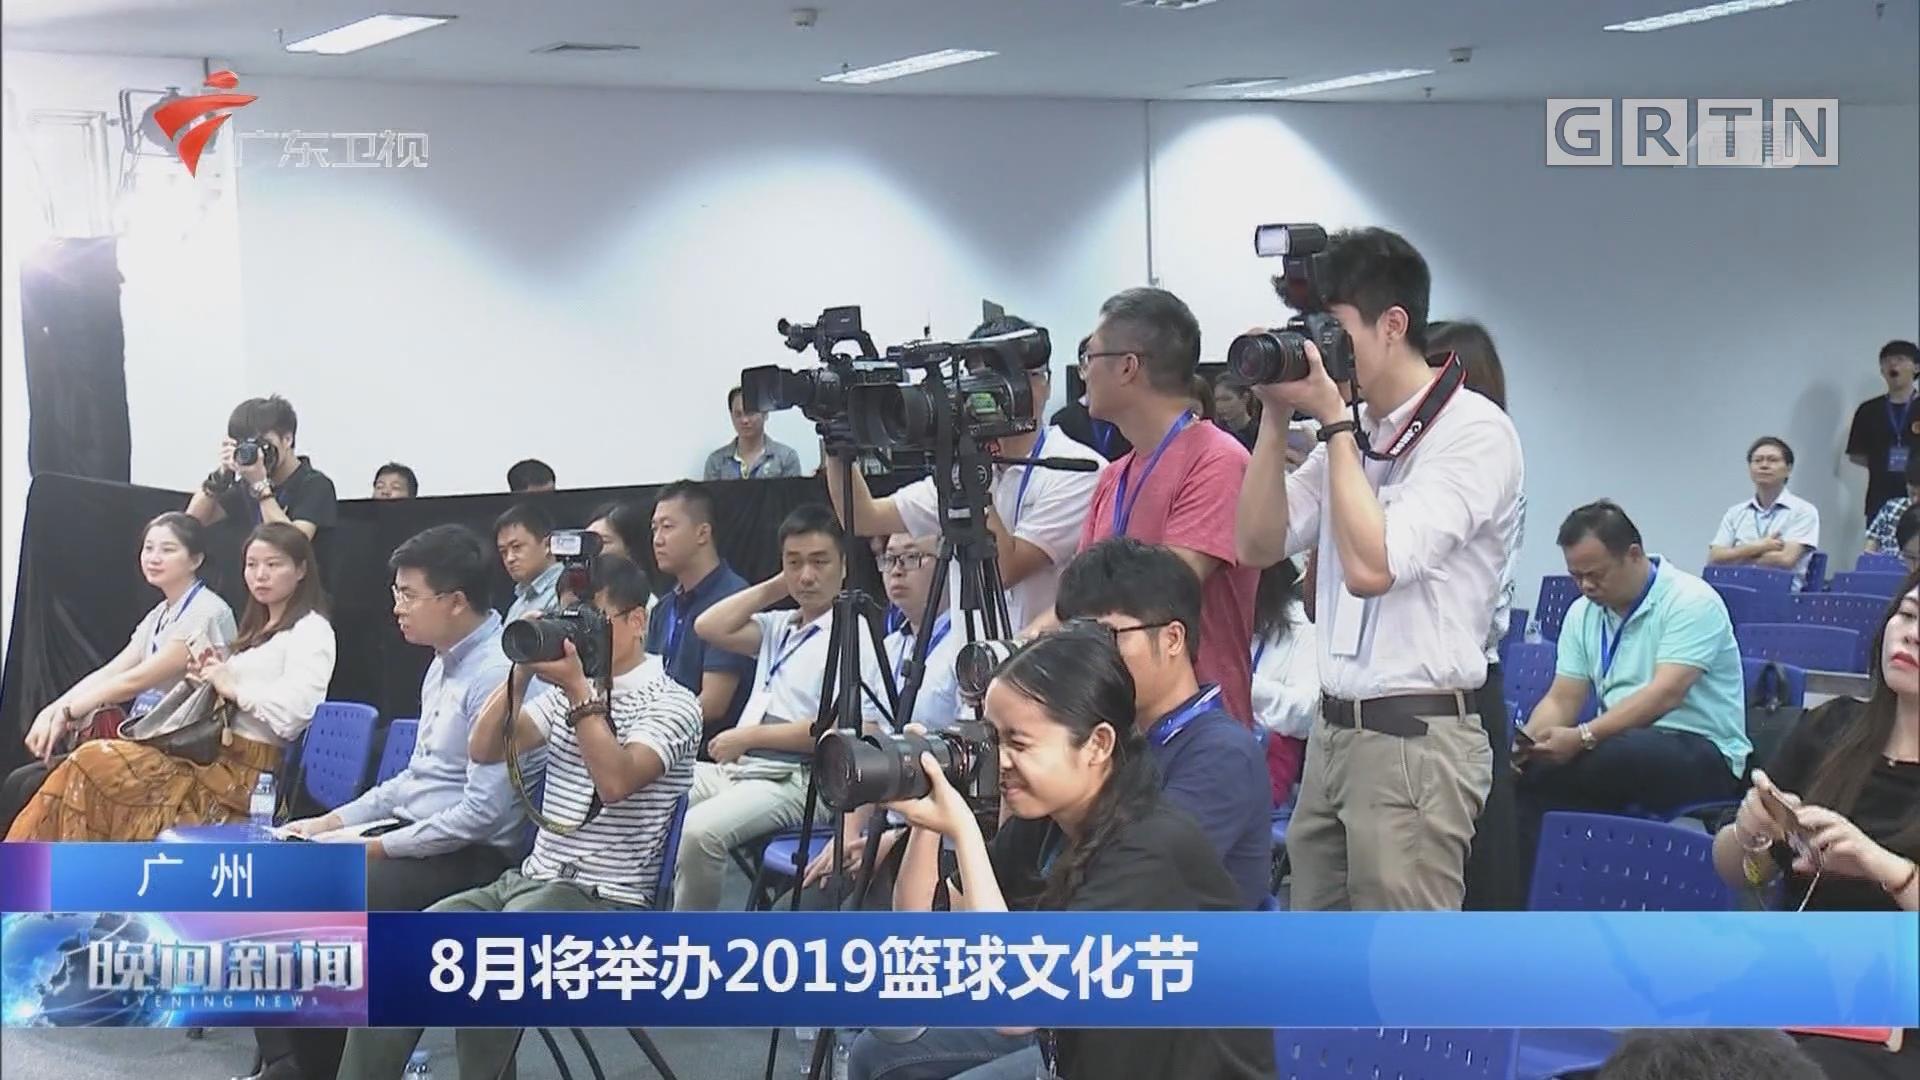 广州:8月将举办2019篮球文化节